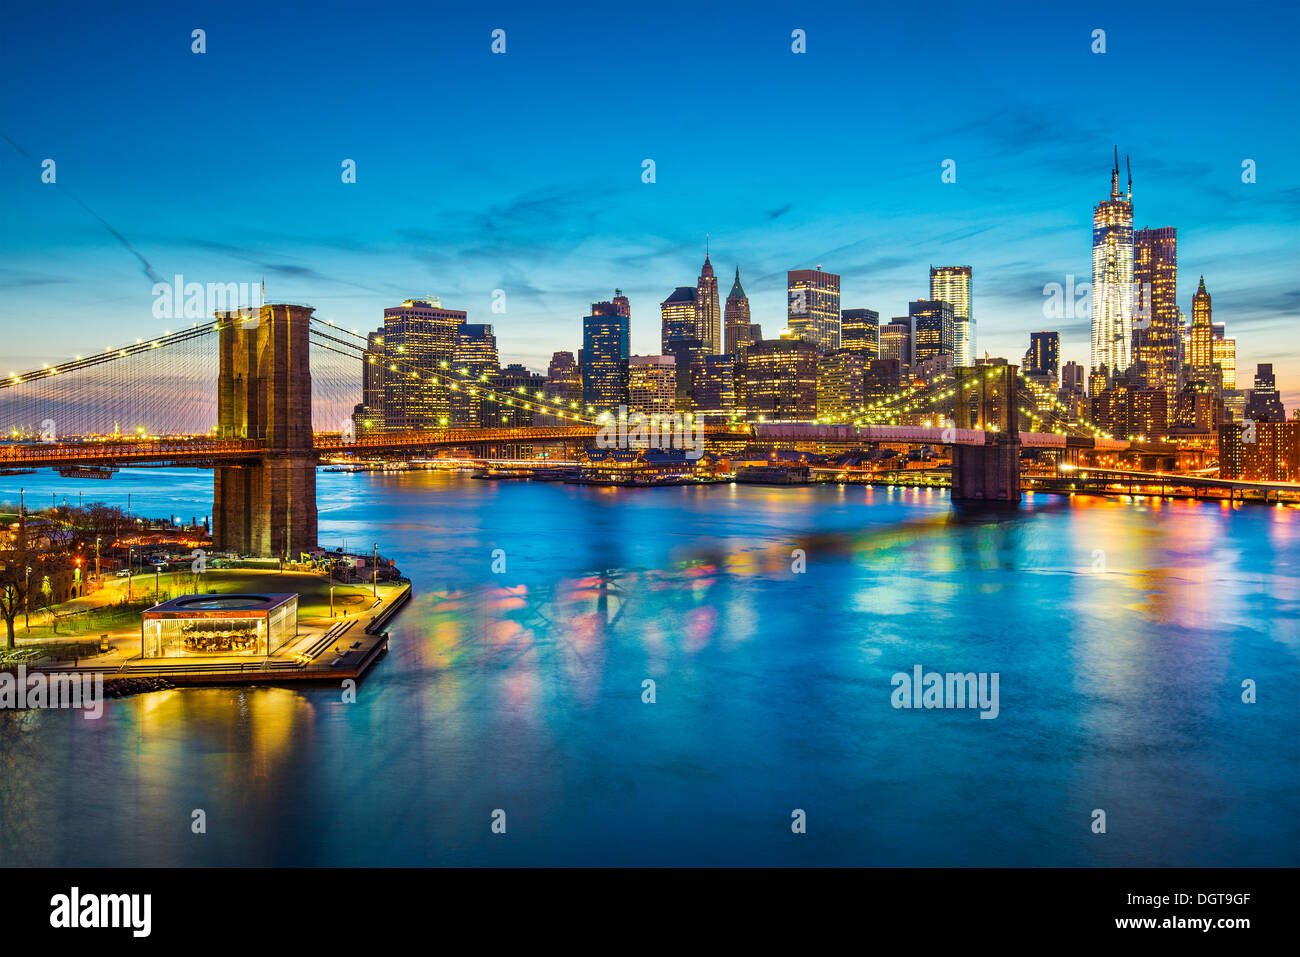 Famosa vista de la ciudad de Nueva York por el East River hacia el distrito financiero en la isla de Manhattan. Imagen De Stock